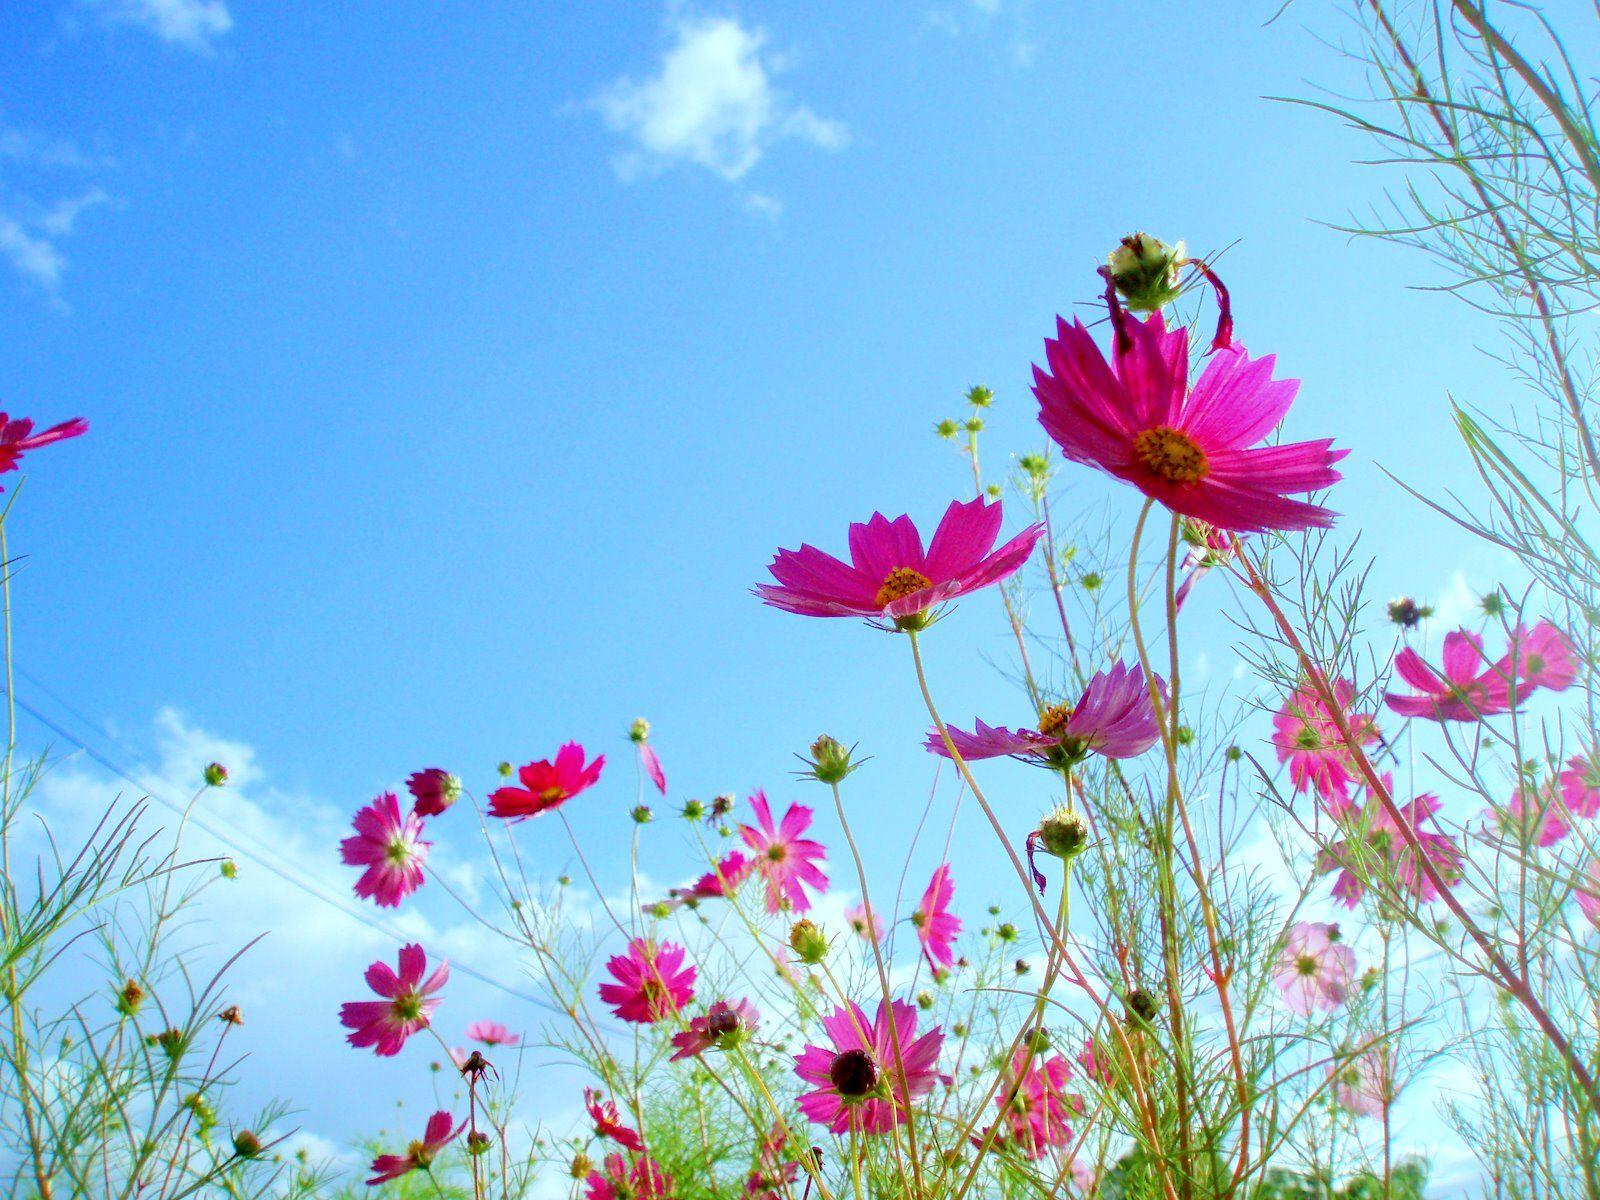 Flower Scenery Wallpaper Wallpapersafari